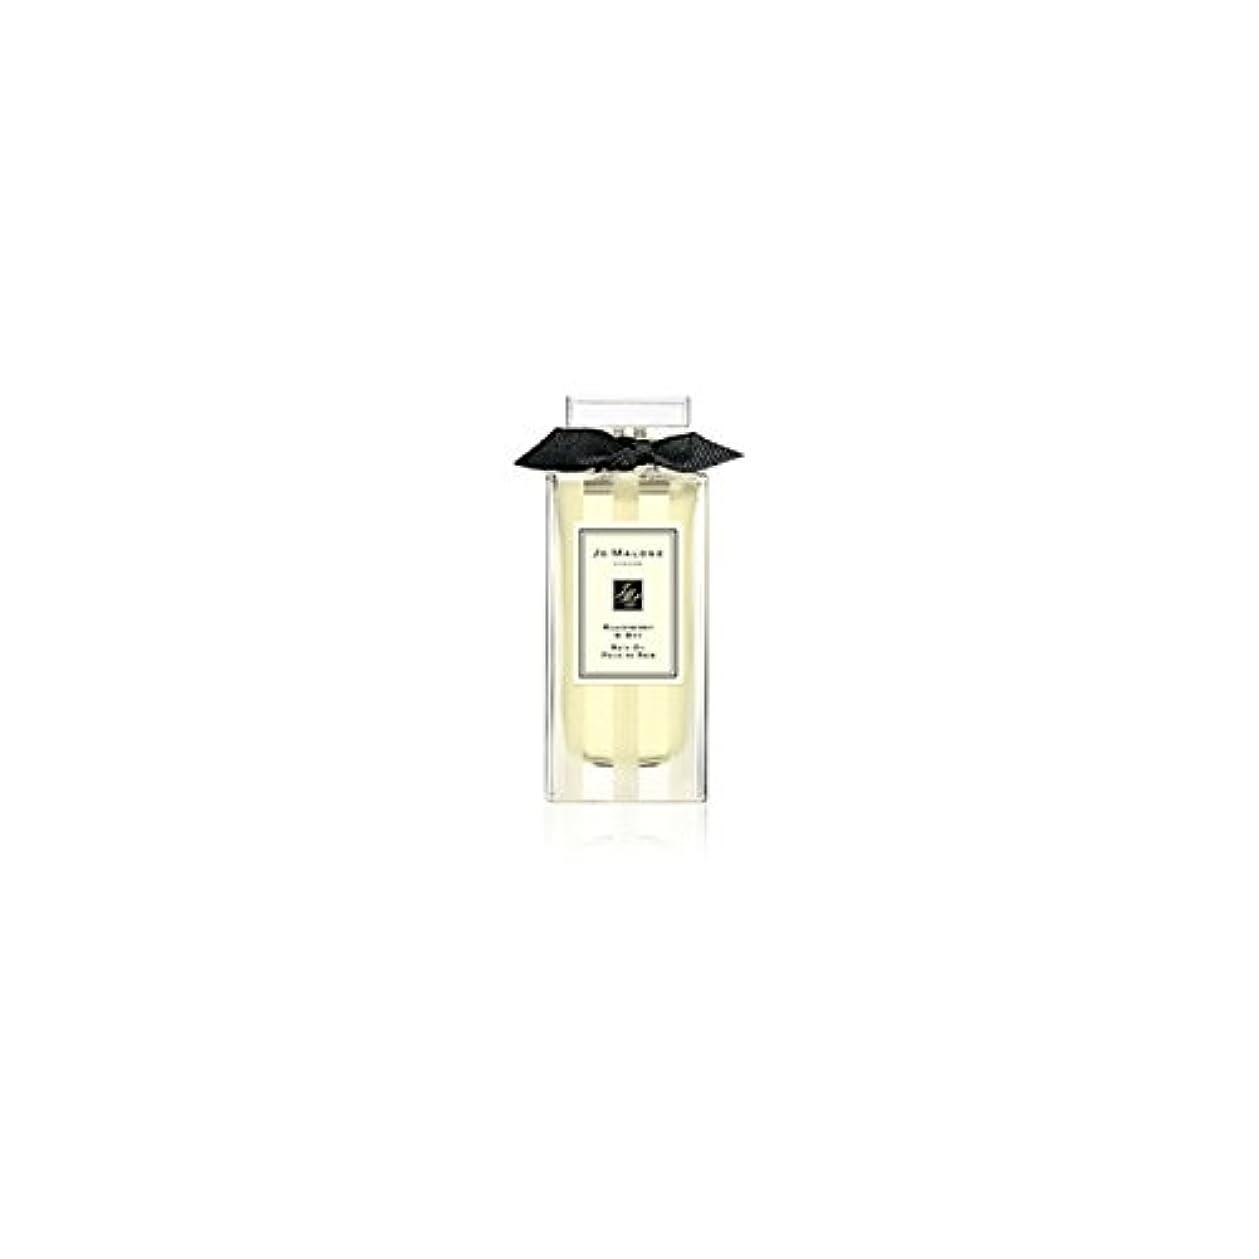 メーカー富破壊するJo Malone Blackberry & Bay Bath Oil - 30ml (Pack of 2) - ジョーマローンブラックベリー&ベイバスオイル - 30ミリリットル (x2) [並行輸入品]